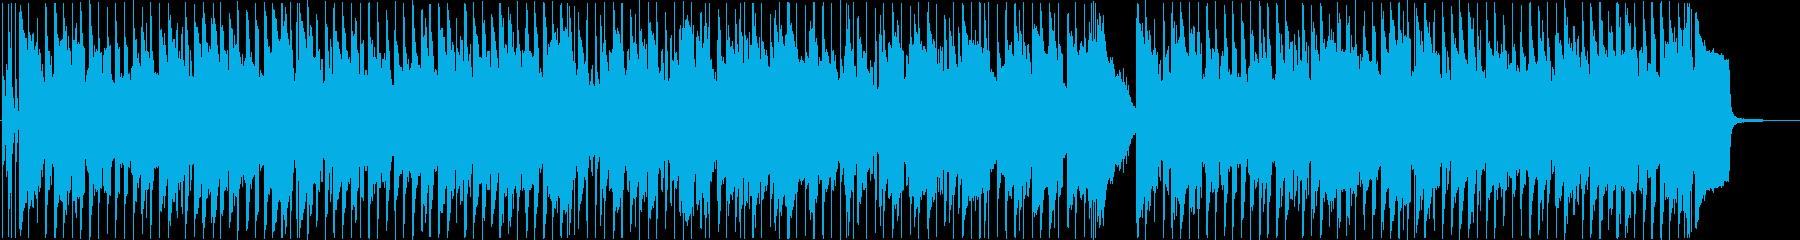 陽気なリコーダーのポップな日常BGMの再生済みの波形